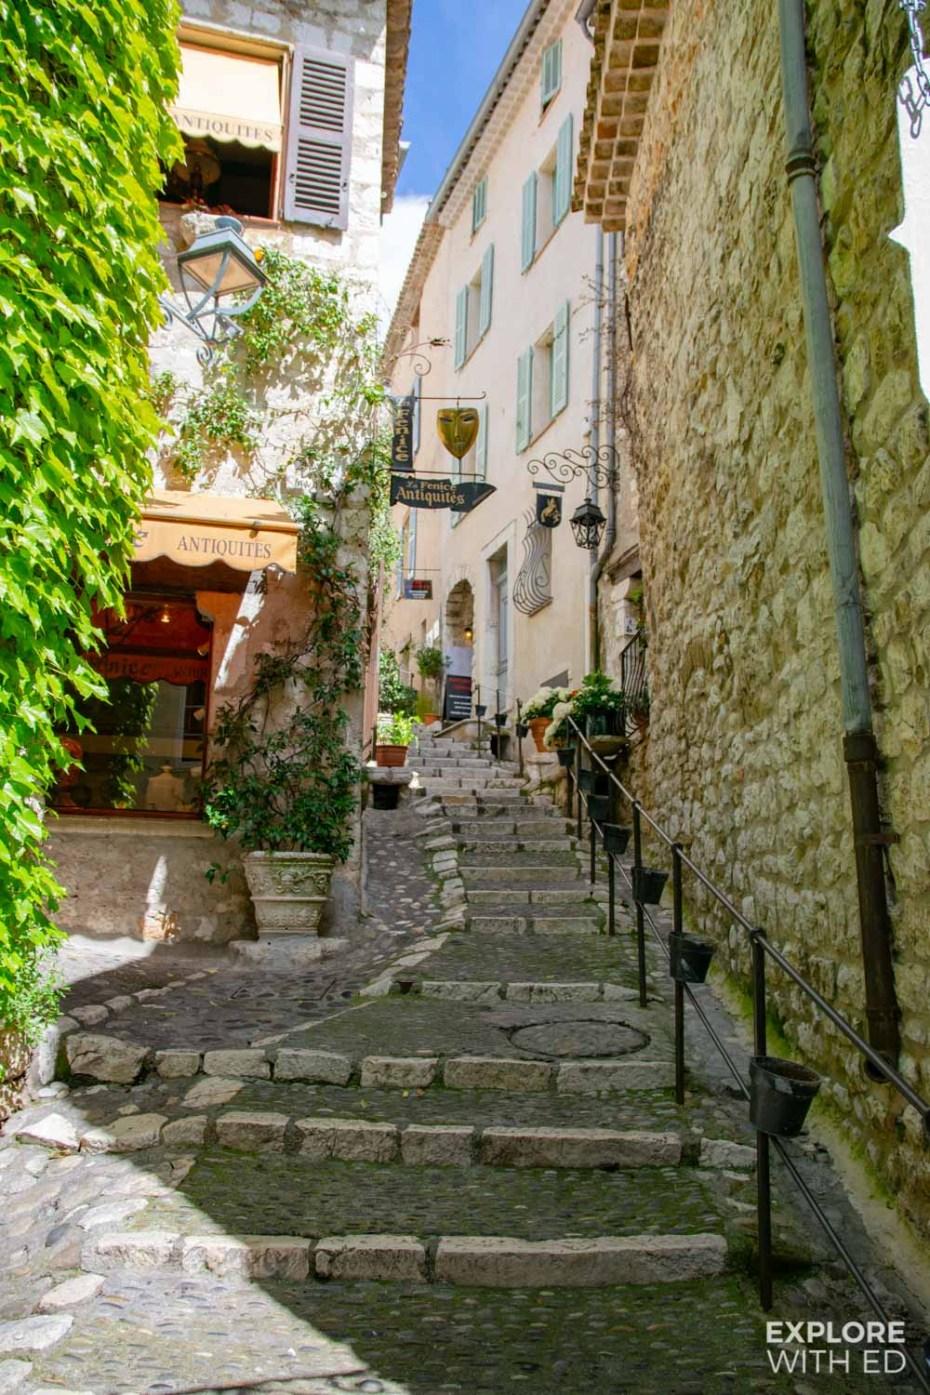 Pretty street in Saint Paul de Vence, France